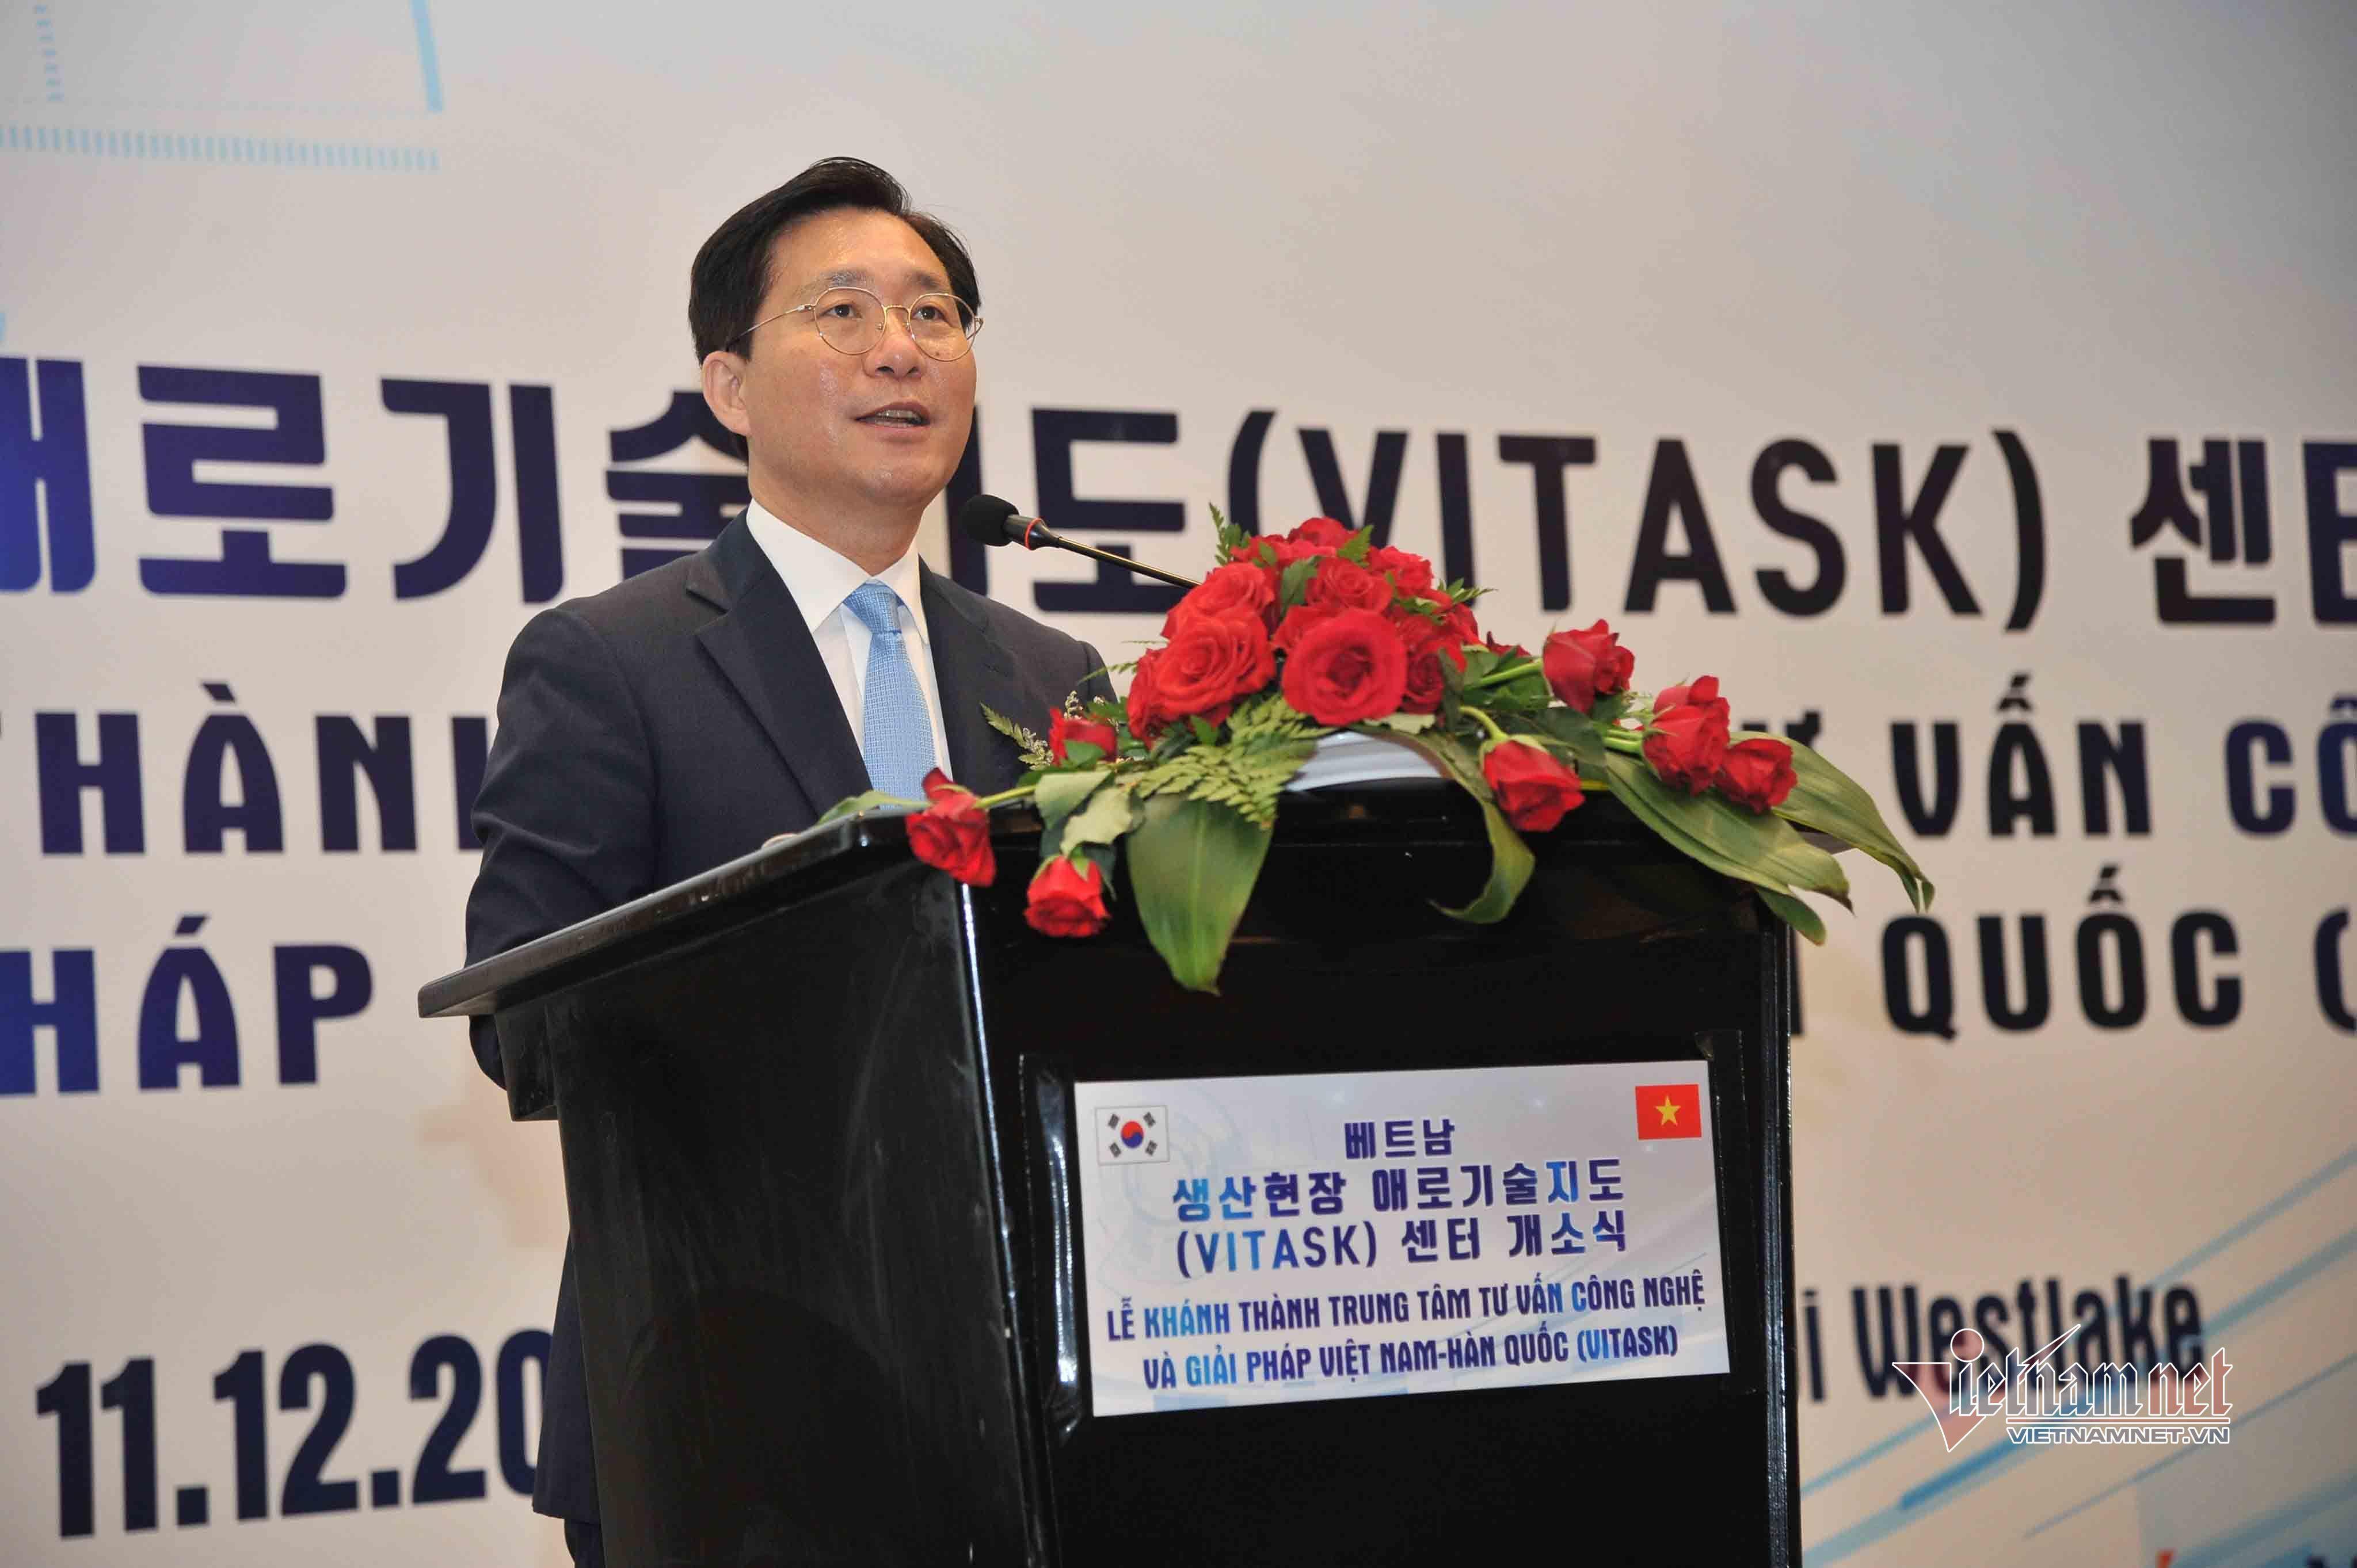 Khánh thành Trung tâm Tư vấn và giải pháp công nghệ Việt Nam- Hàn Quốc